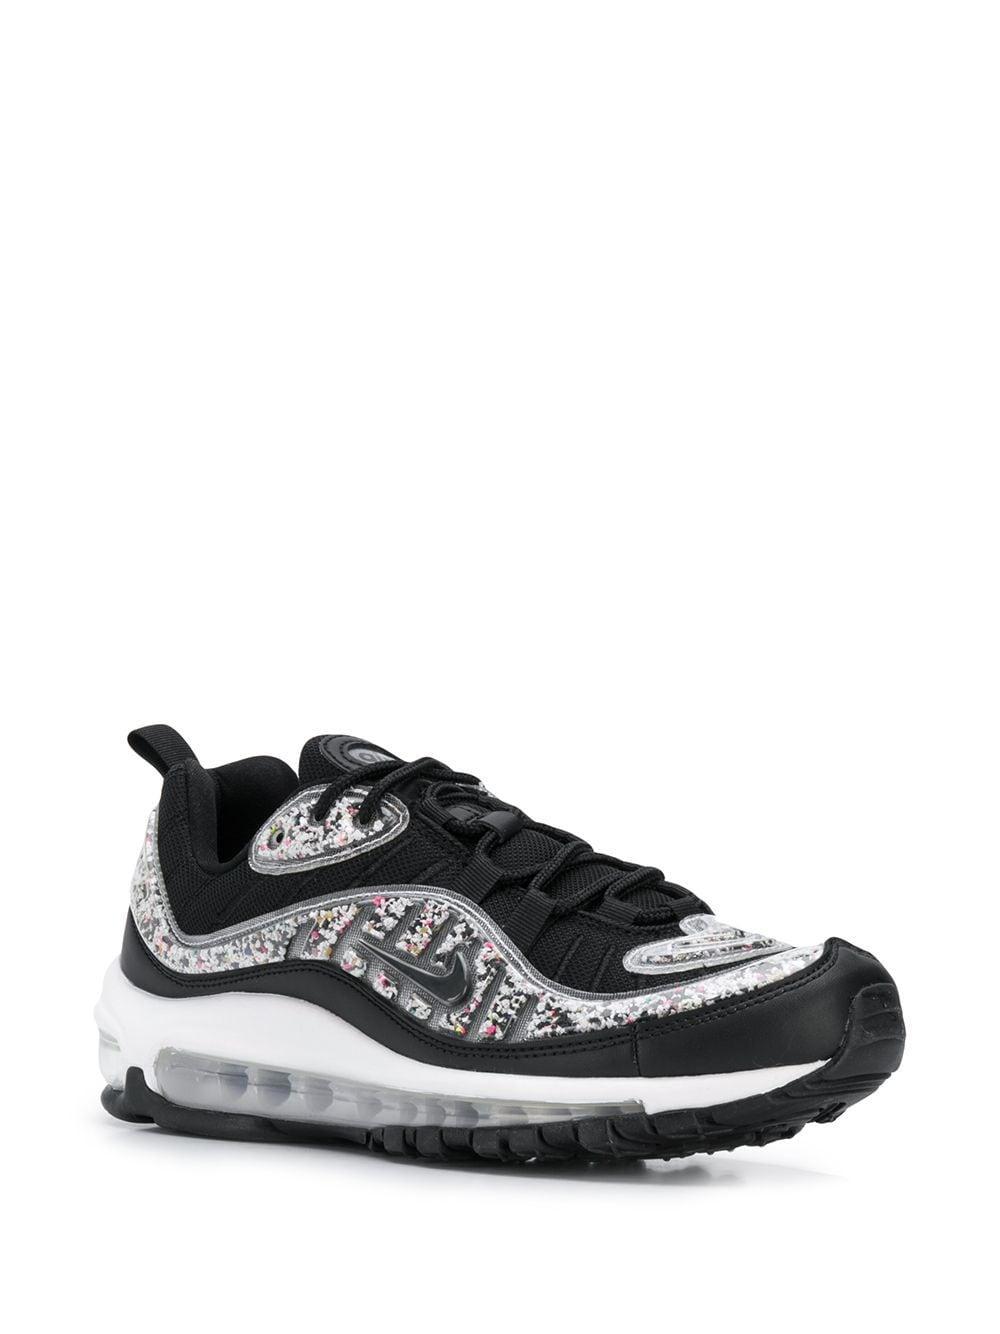 Zapatillas Air Max Nike de Algodón de color Negro